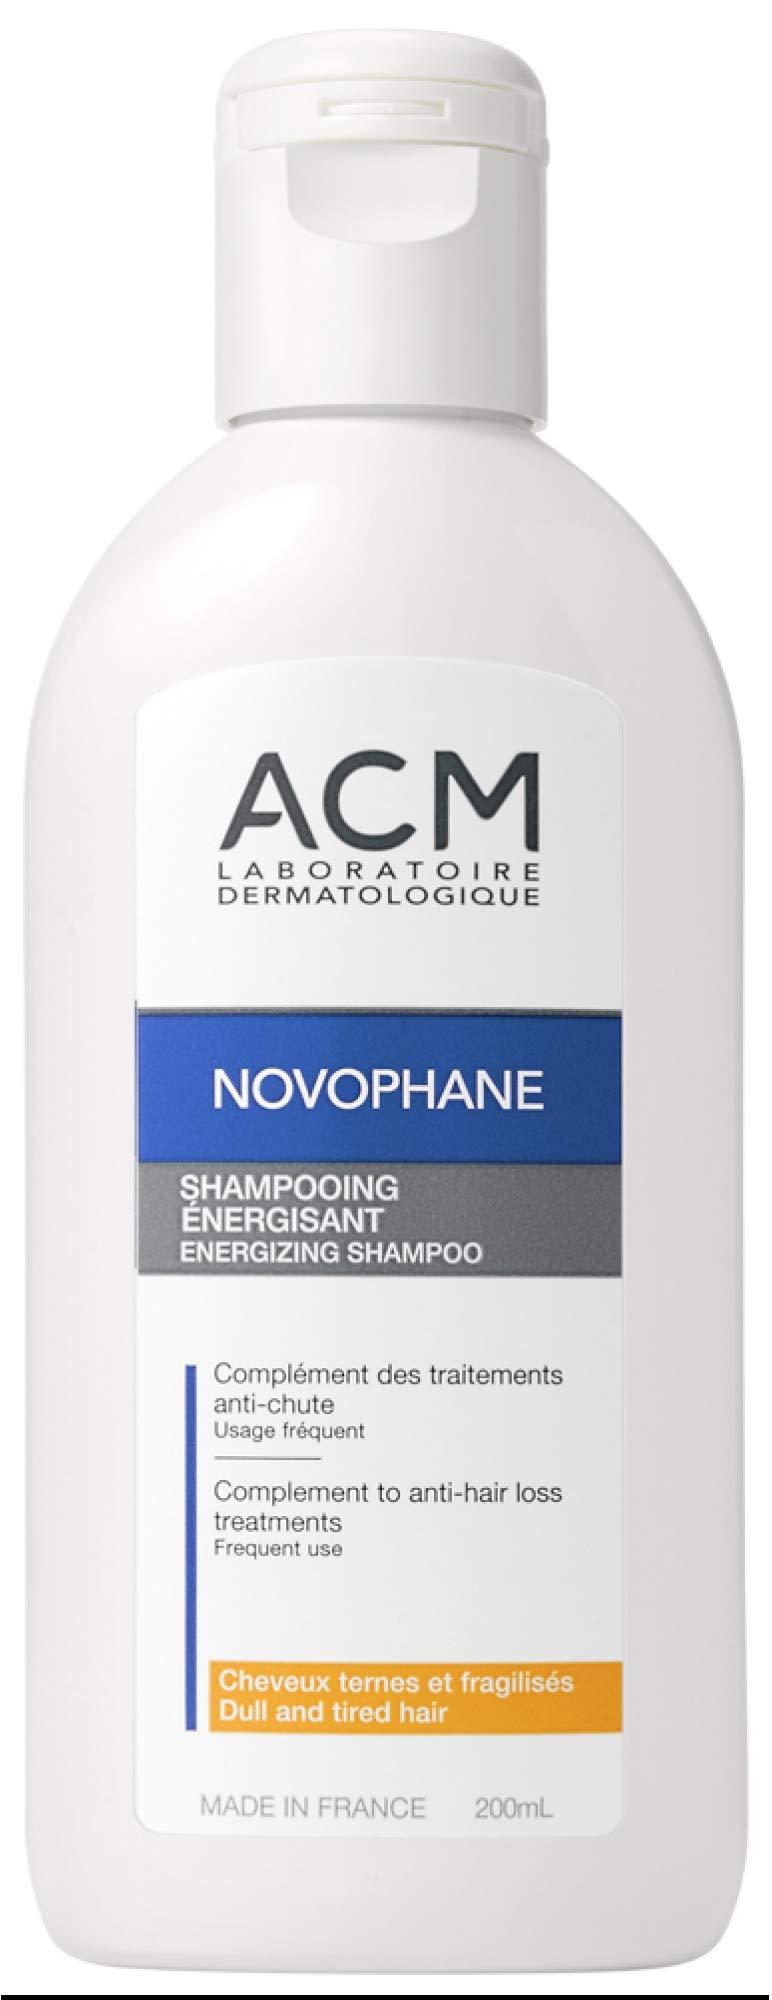 Novophane Energizing Shampoo (125mL)